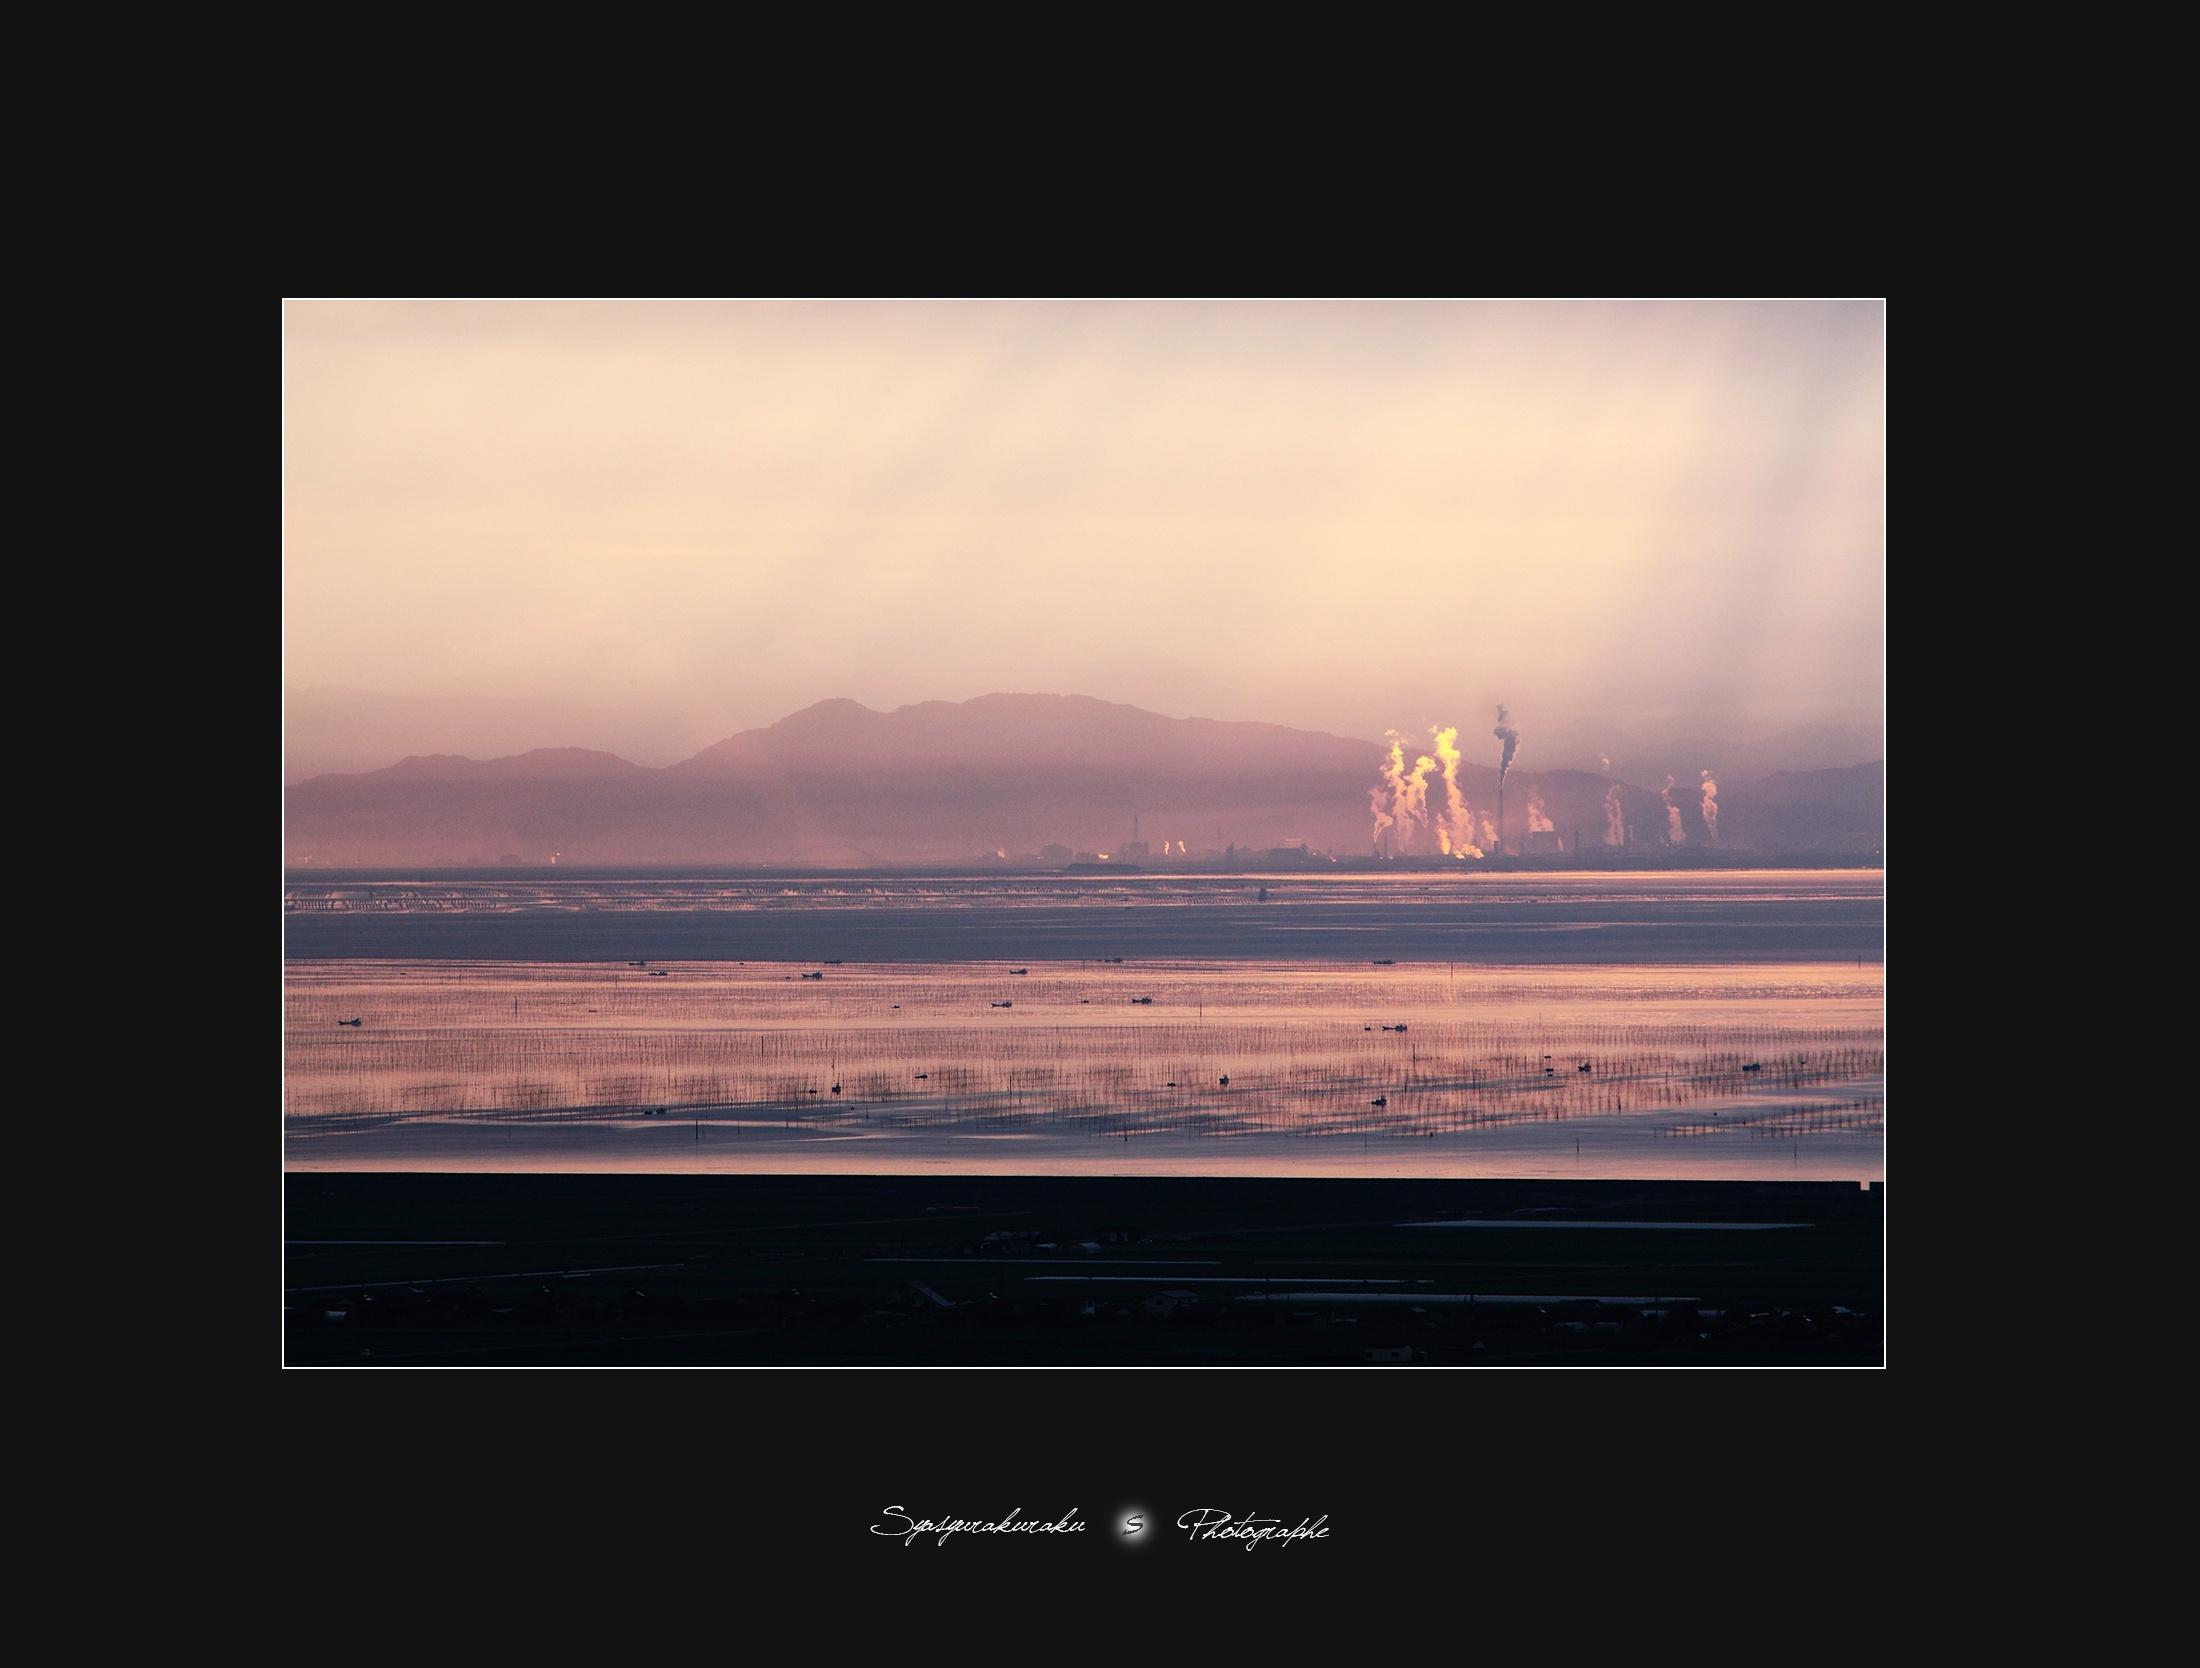 対岸の夜明け_c0253556_06223770.jpg